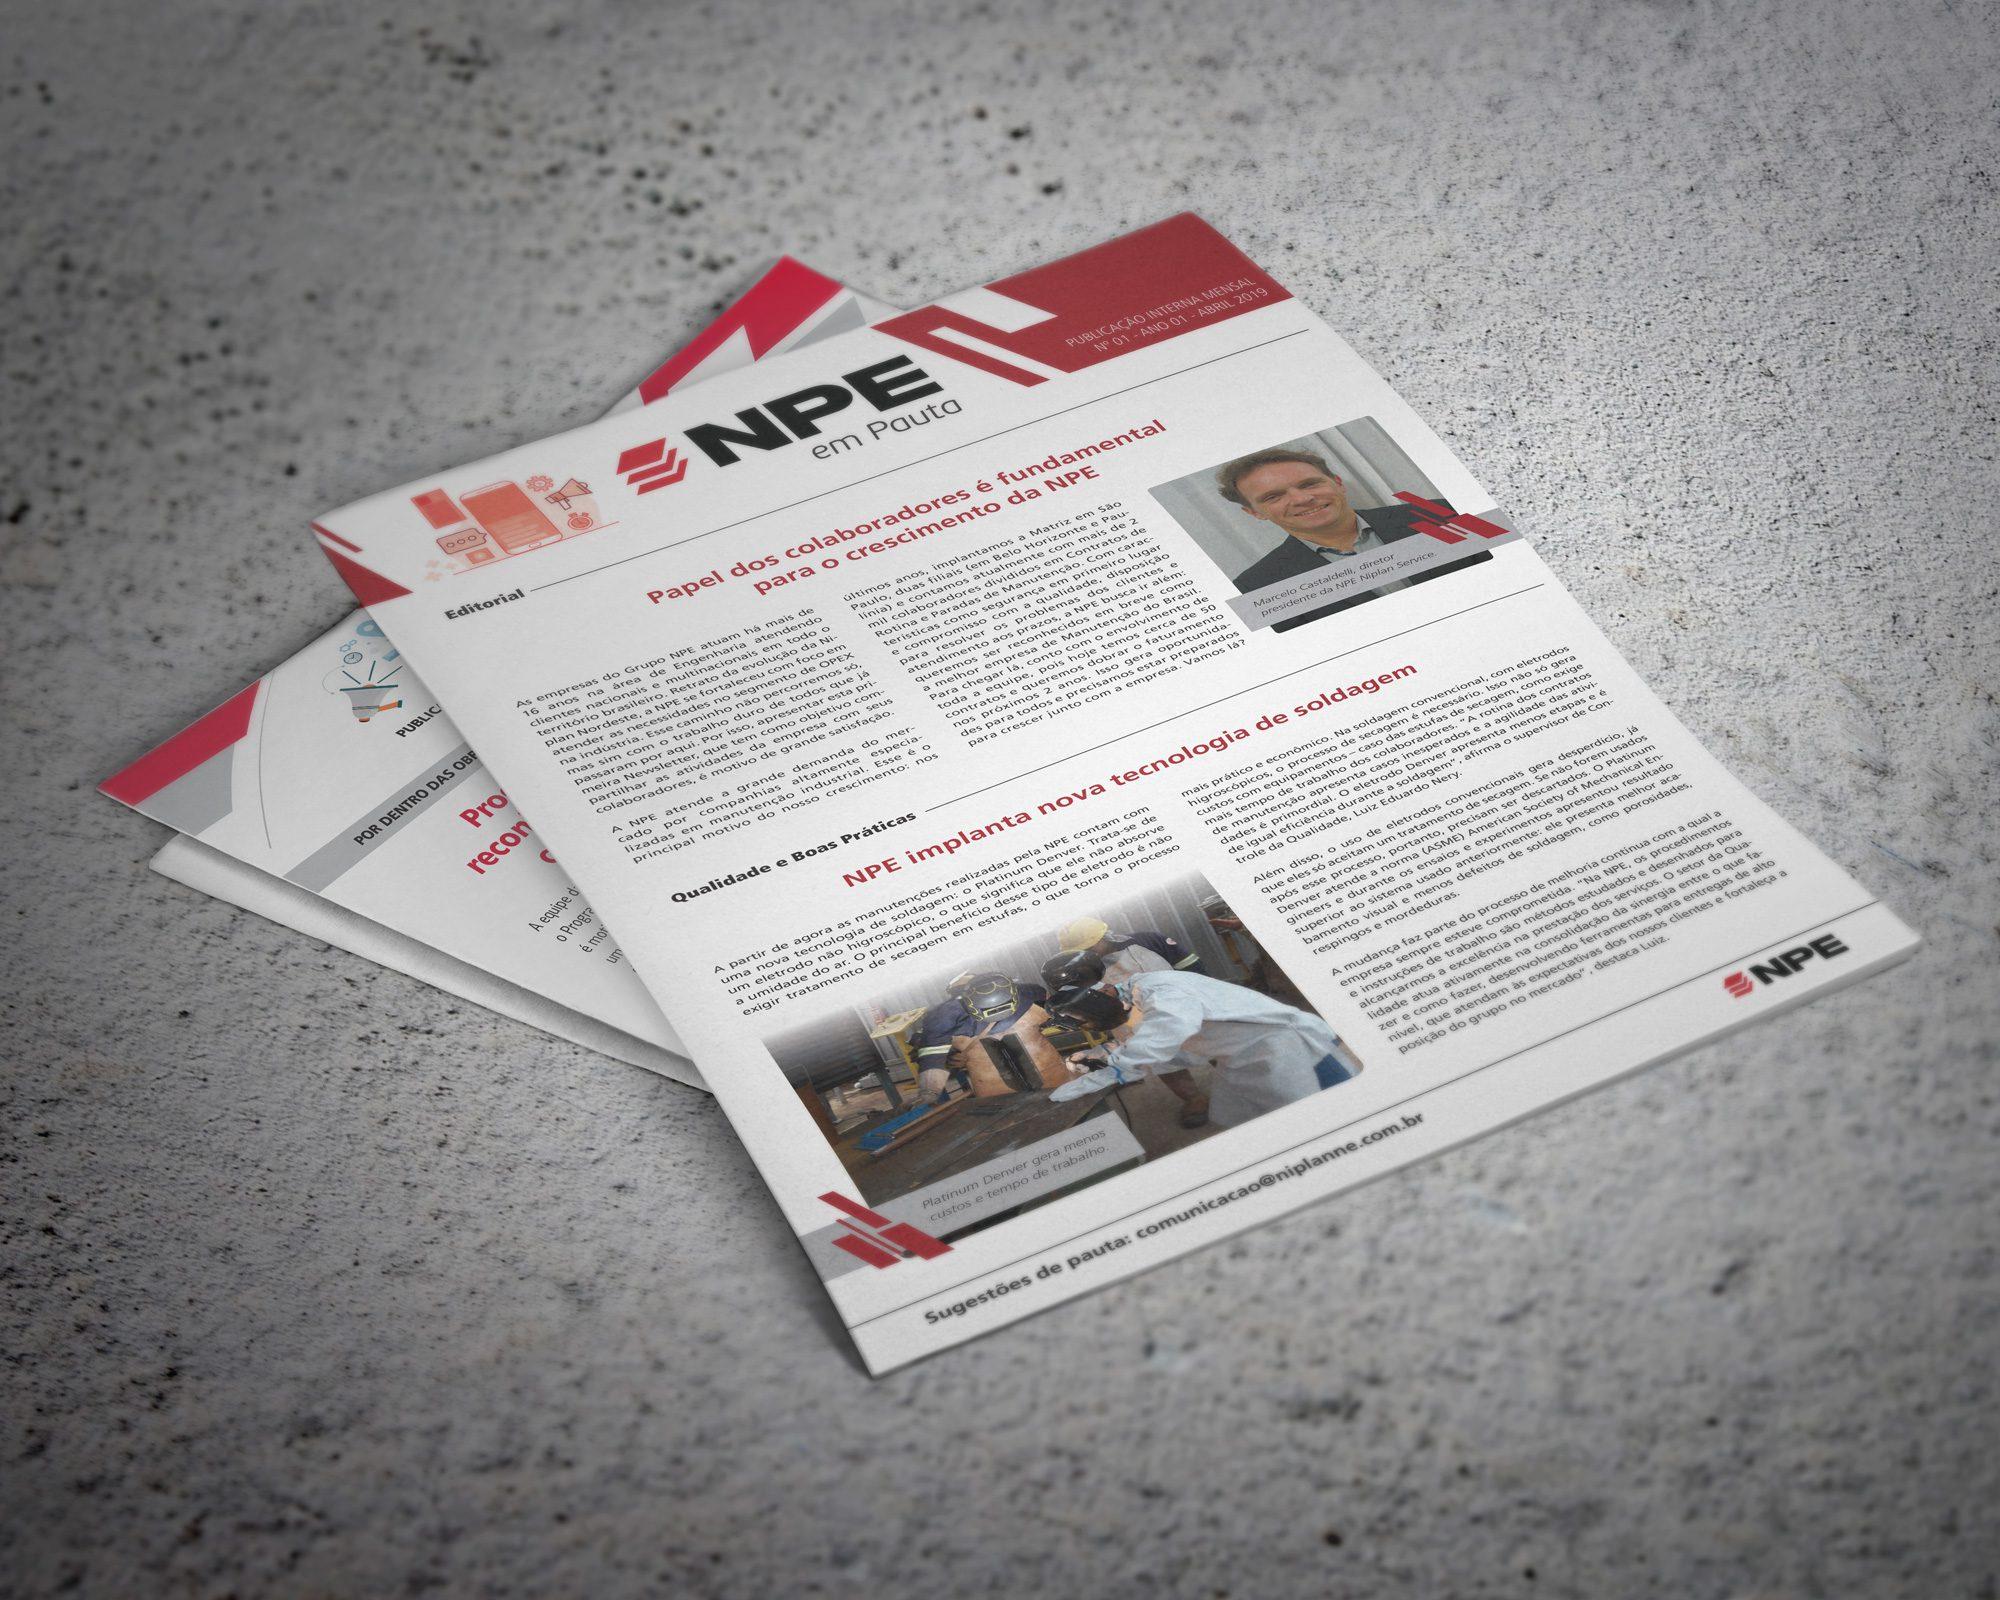 Desenvolvimento de projeto gráfico para newsletter informativa das empresas Niplan e NPE, com entregas de arquivos em PDF para impressão local e fixação nos murais de aviso das obras e entrega da versão eletrônica para disparo de e-mail com link para os blogs das empresas - comunicação interna que funciona.